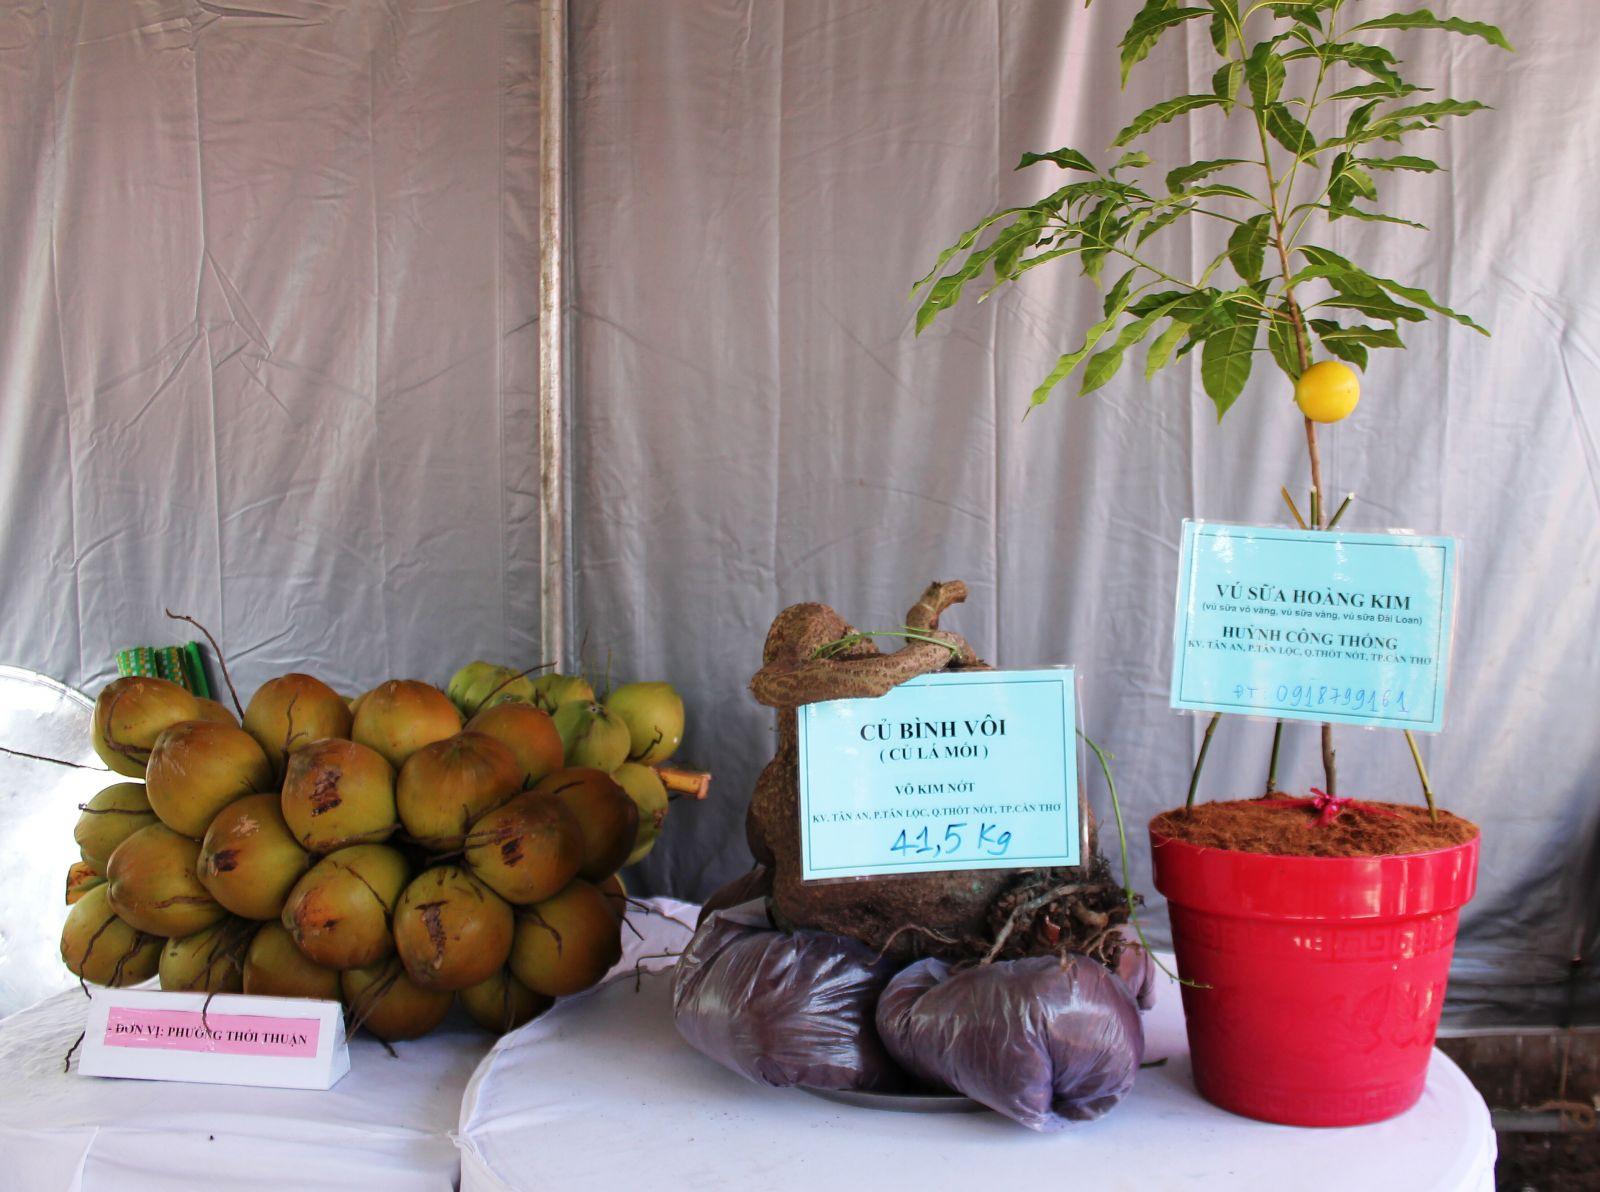 """Hội thi """"cây, củ quả lạ"""" với nhiều cây trái độc đáo là một trong những điểm thu hút tại lễ hội."""